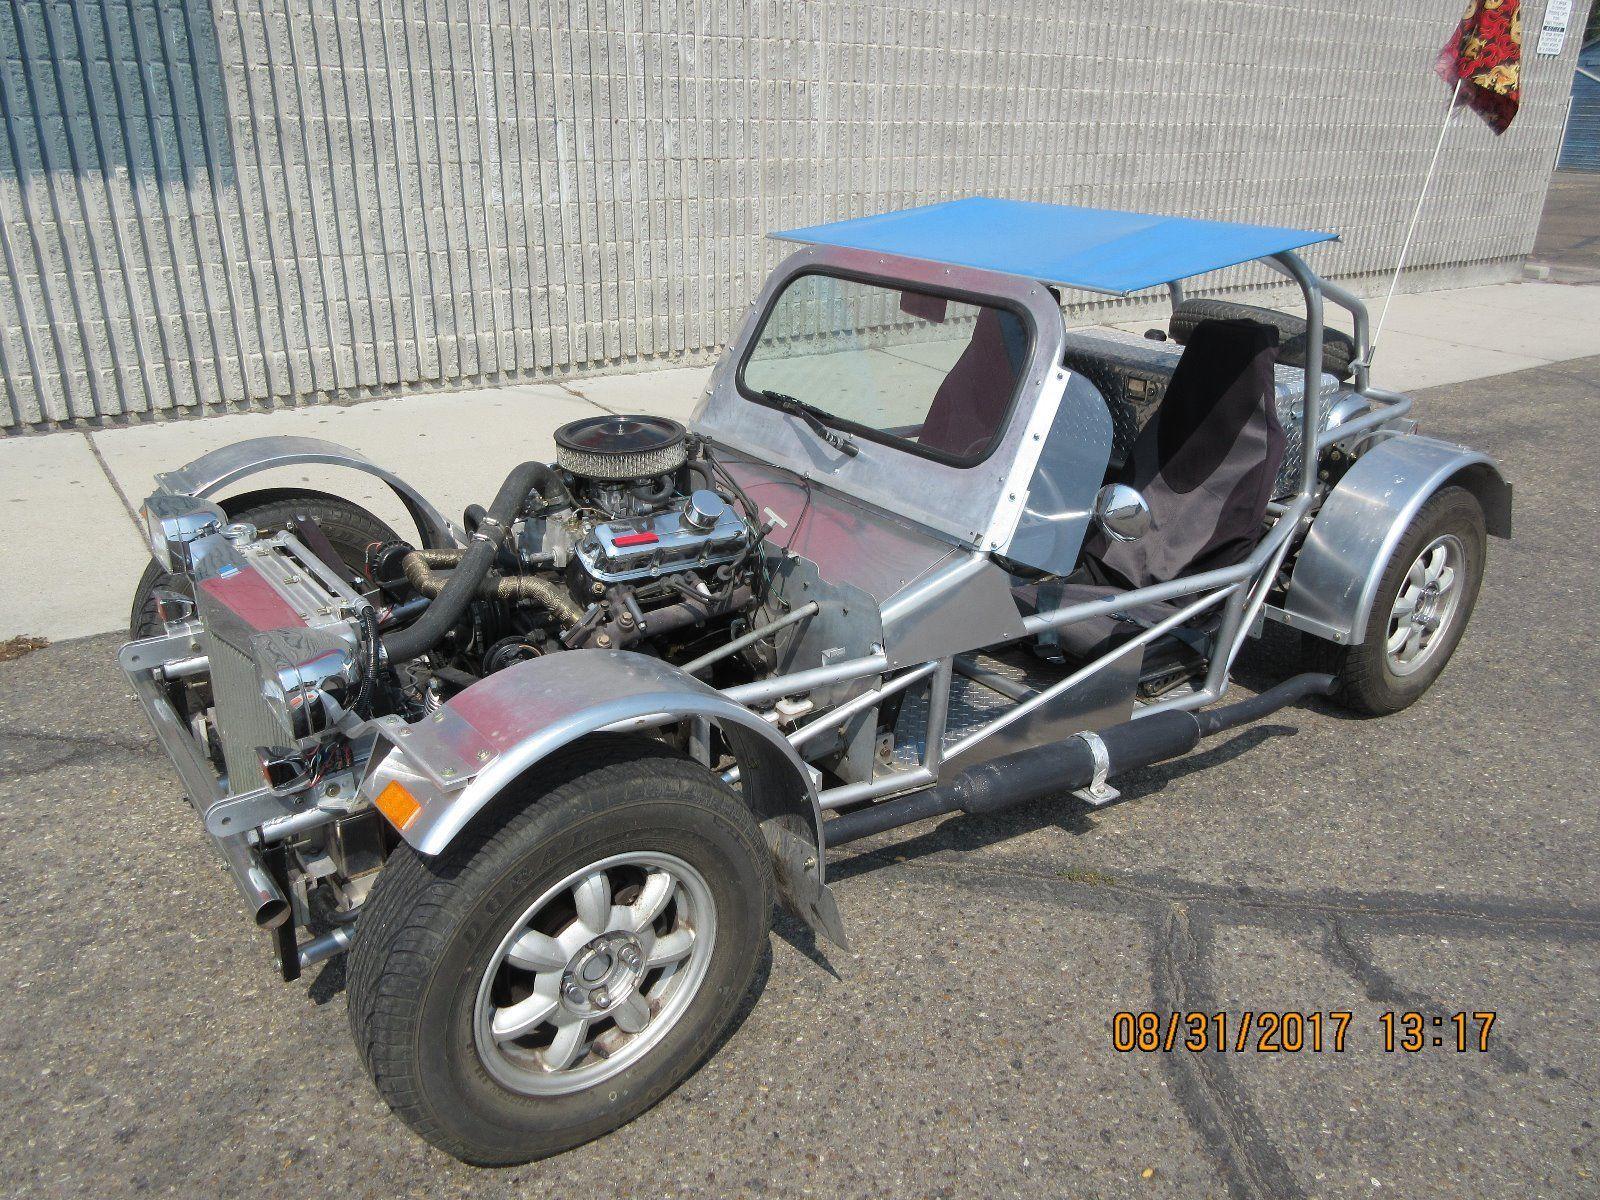 Daily Turismo: Lotus 0.7: 1980 Custom Built Roadster